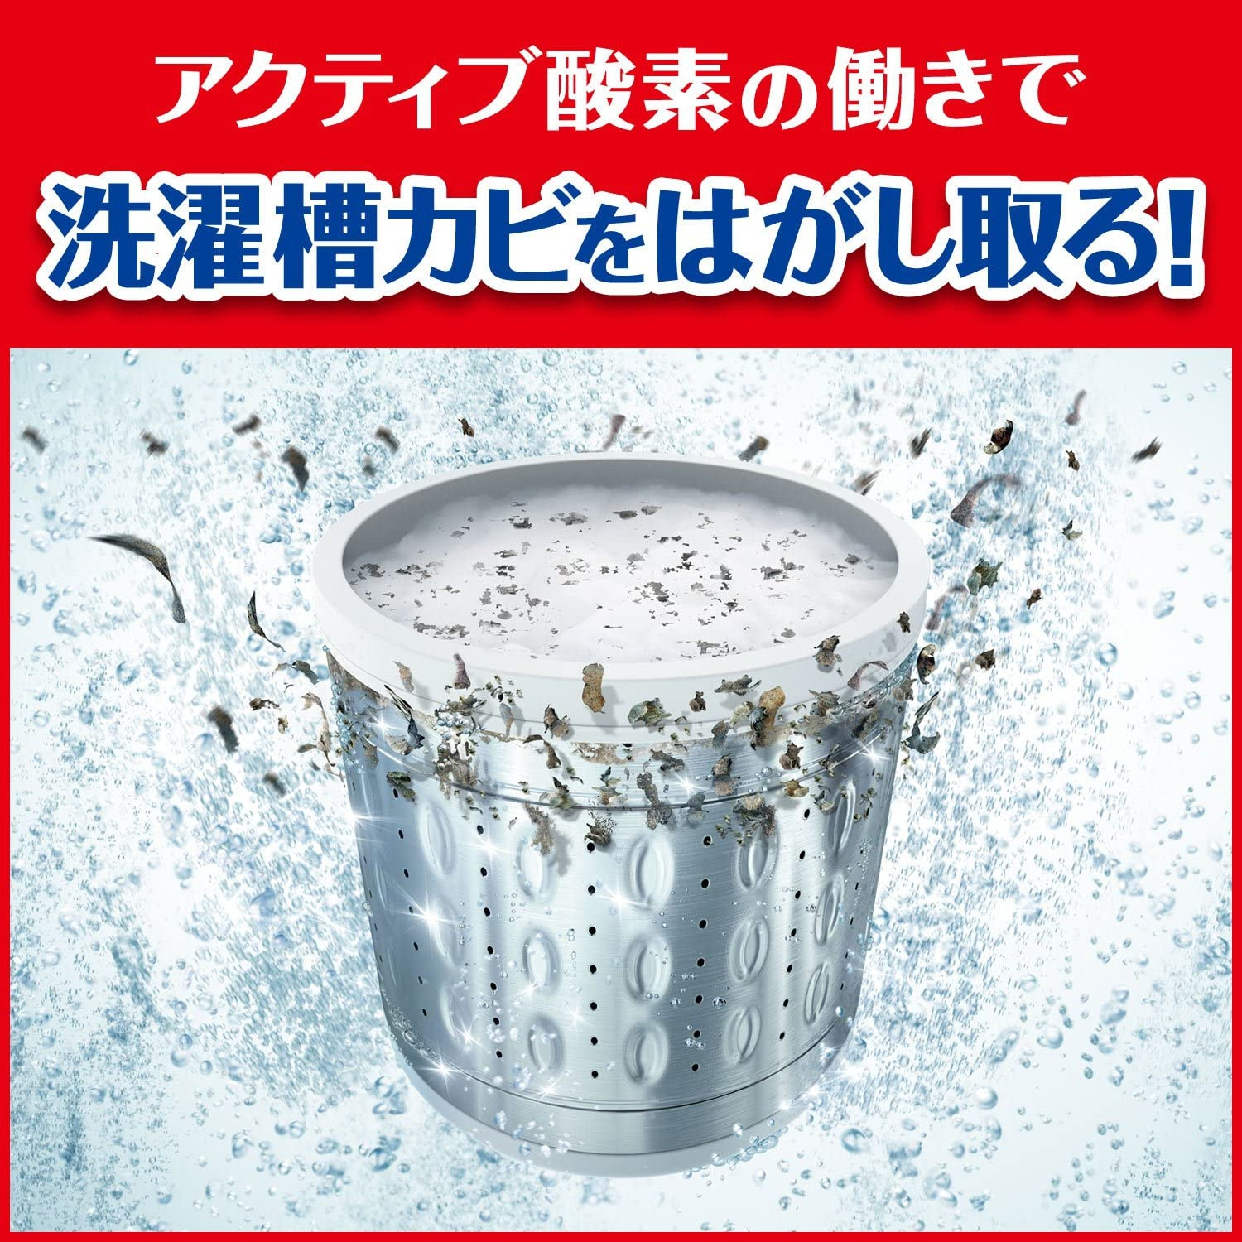 カビキラー アクティブ酸素で落とす 洗たく槽カビキラー (非塩素系)の商品画像2